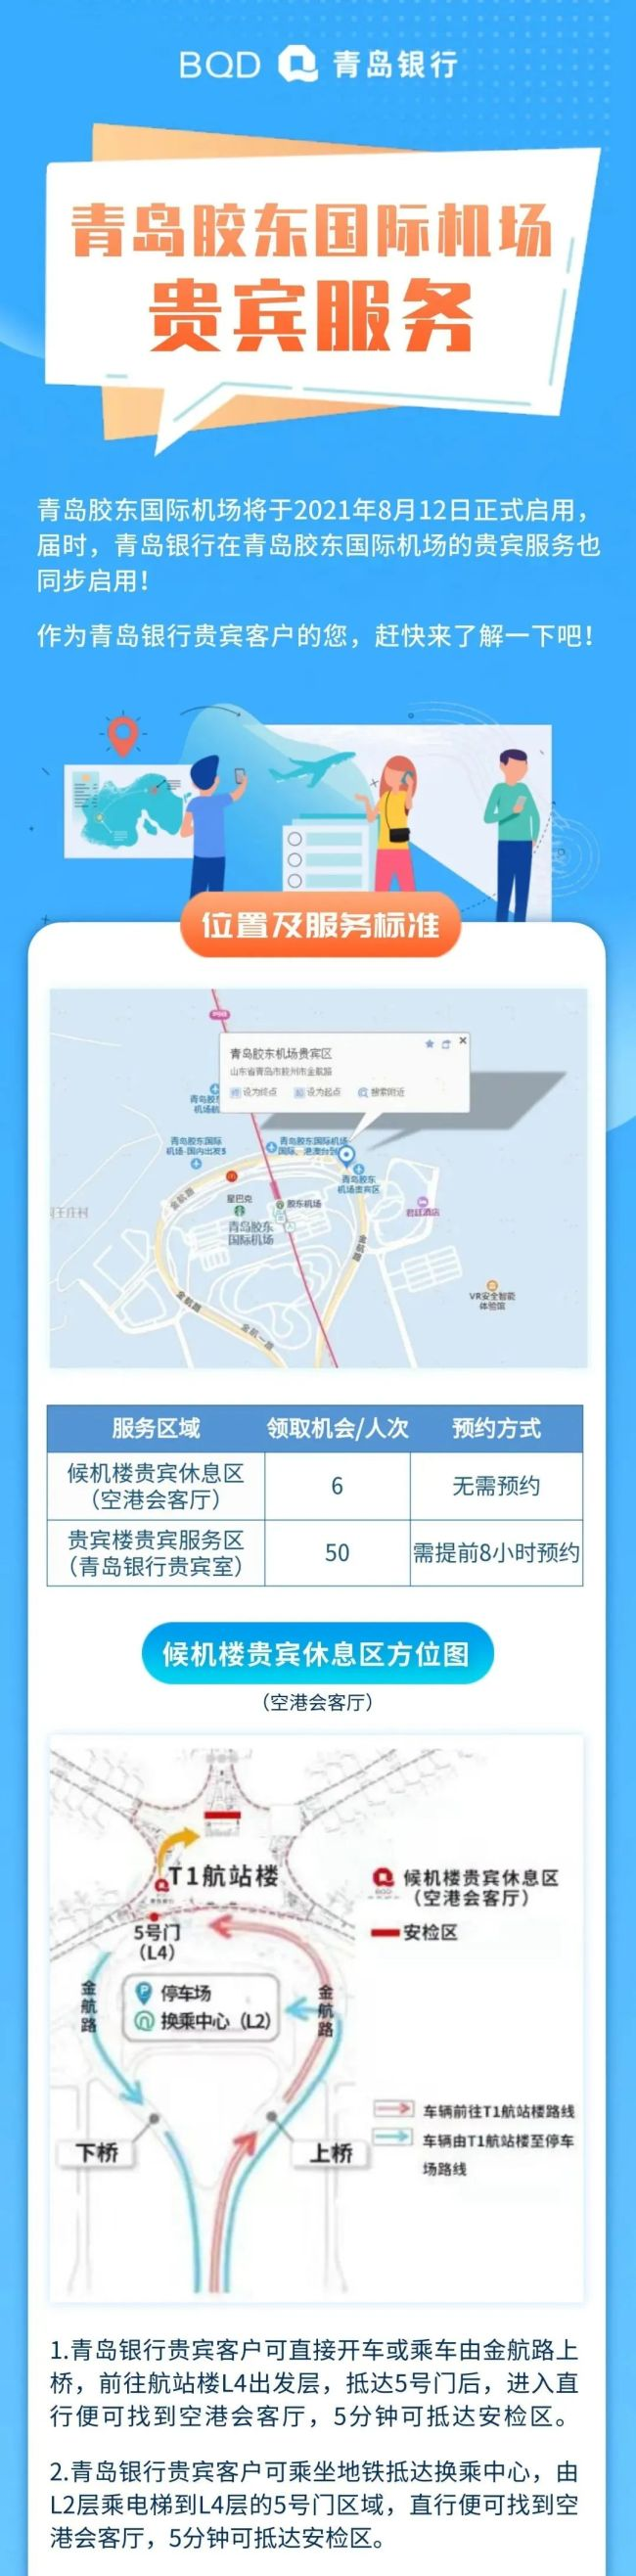 青岛银行开通青岛胶东国际机场贵宾服务